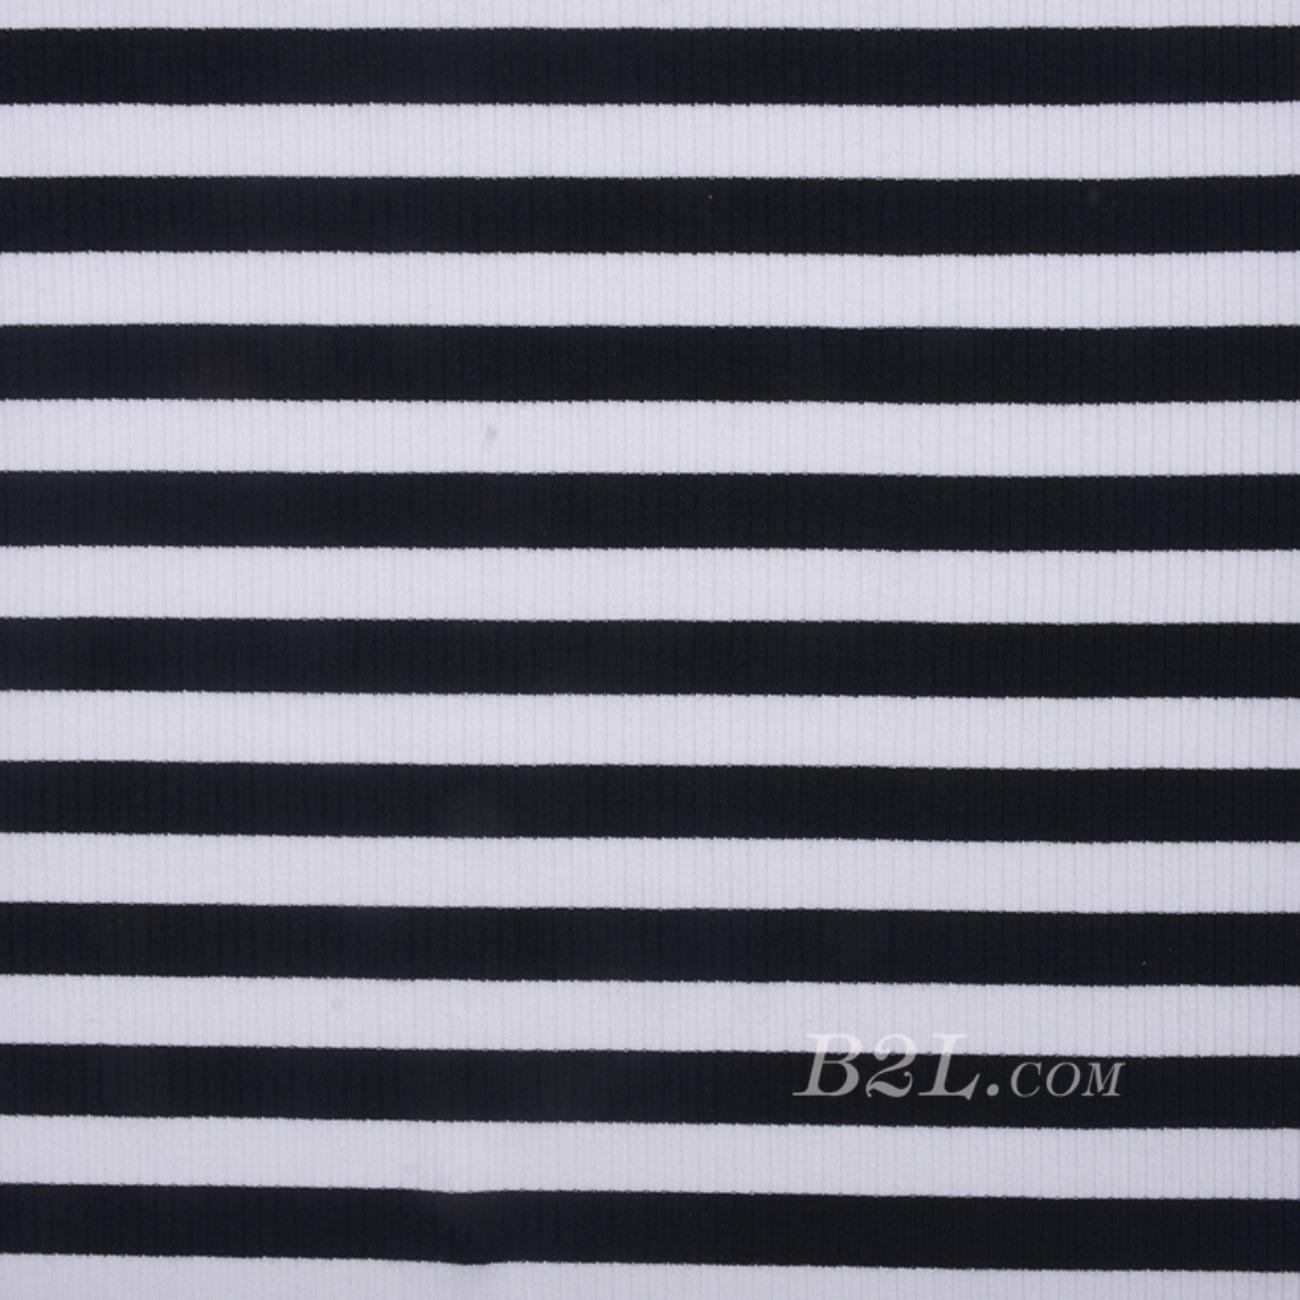 条子 横条 圆机 针织 纬编 棉感 弹力  T恤 针织衫 连衣裙 男装 女装 80131-43